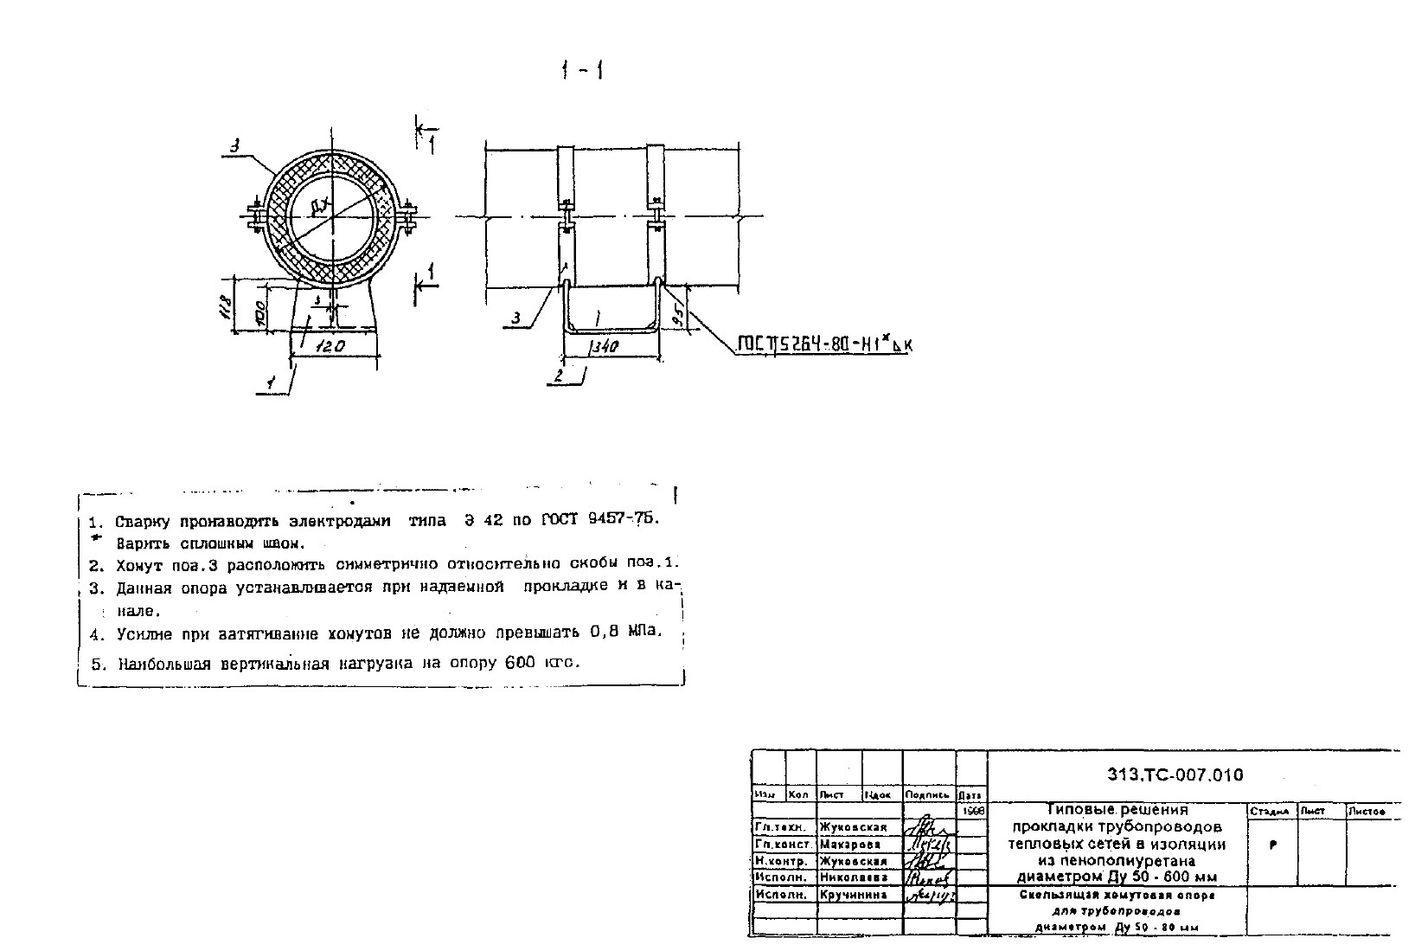 Скользящая хомутовая опора для трубопроводов Ду50-80 313.ТС-007.010